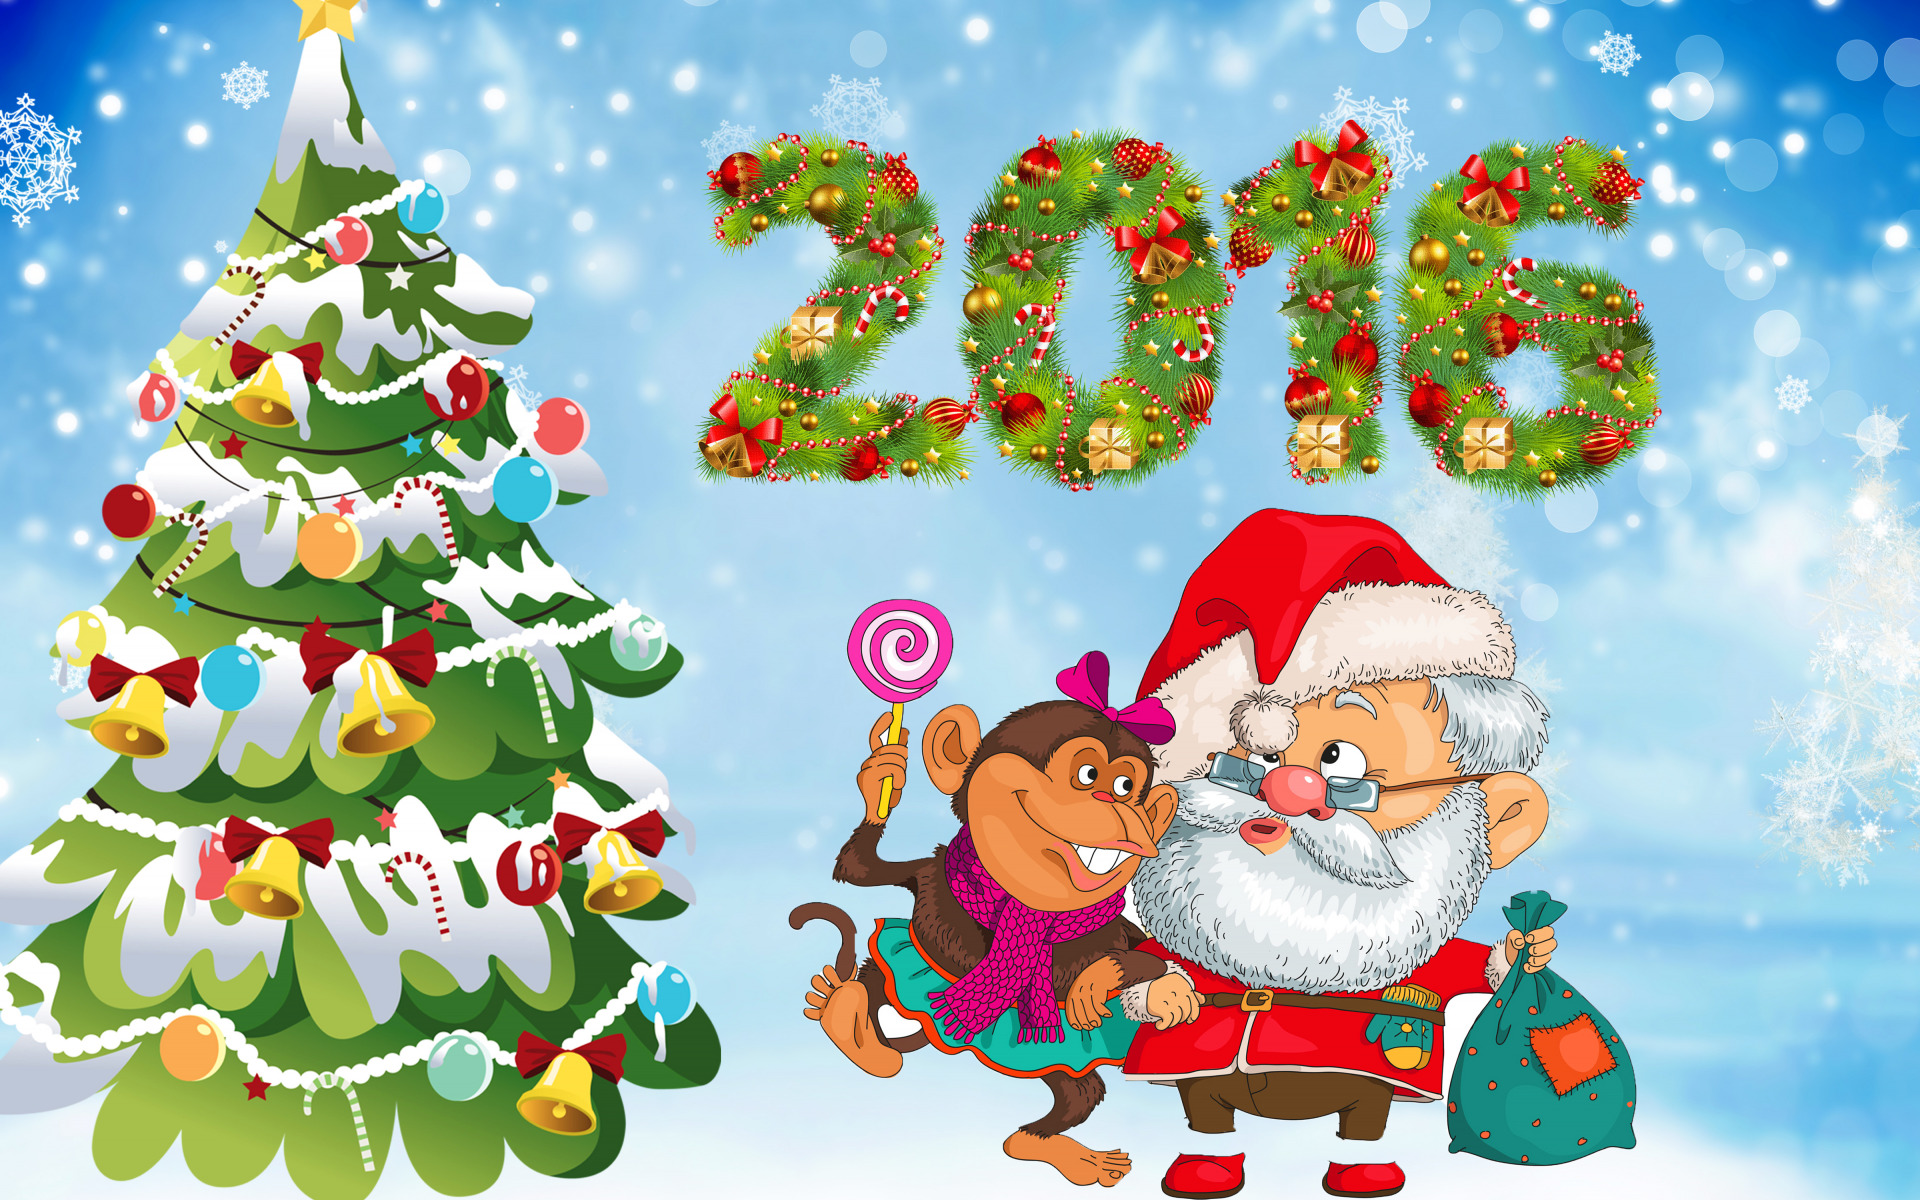 прикольные открытки с новым годом 2016 старые